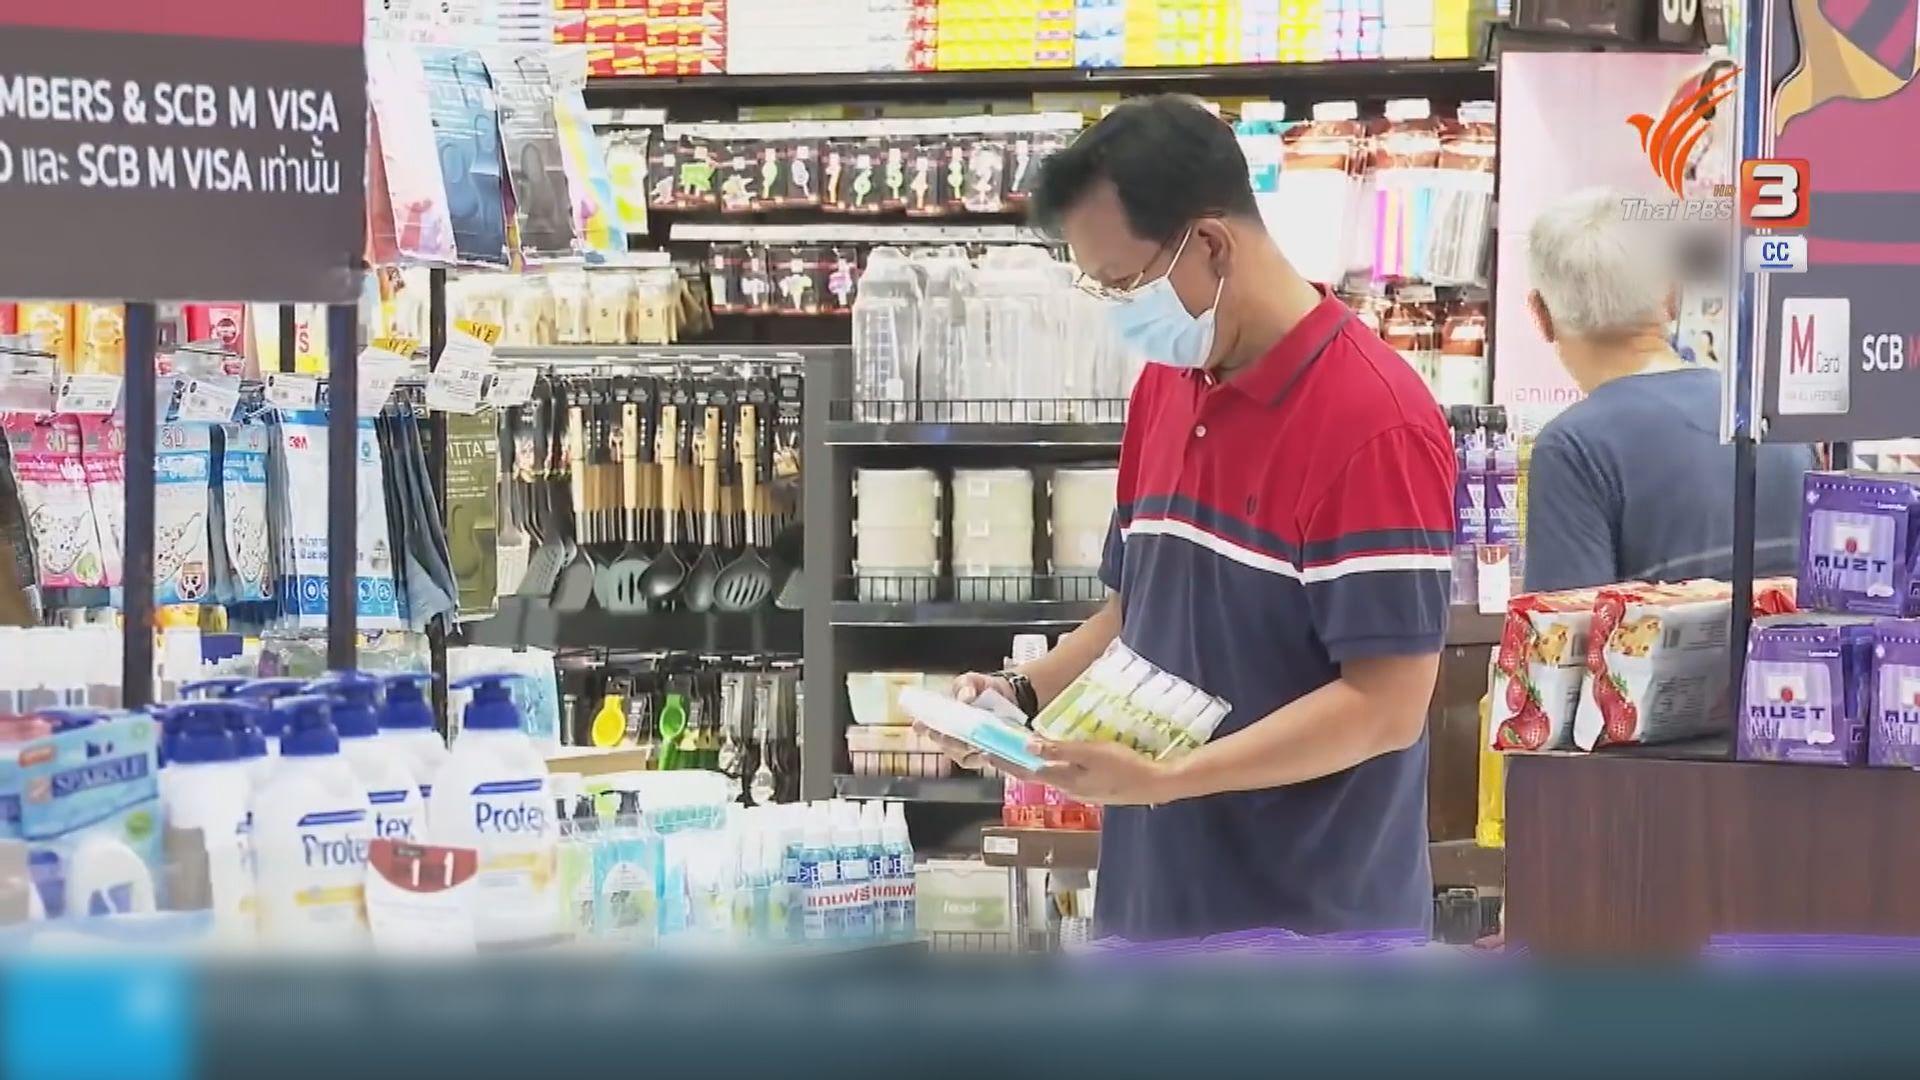 曼谷即日起放寬限制 超市可通宵營業